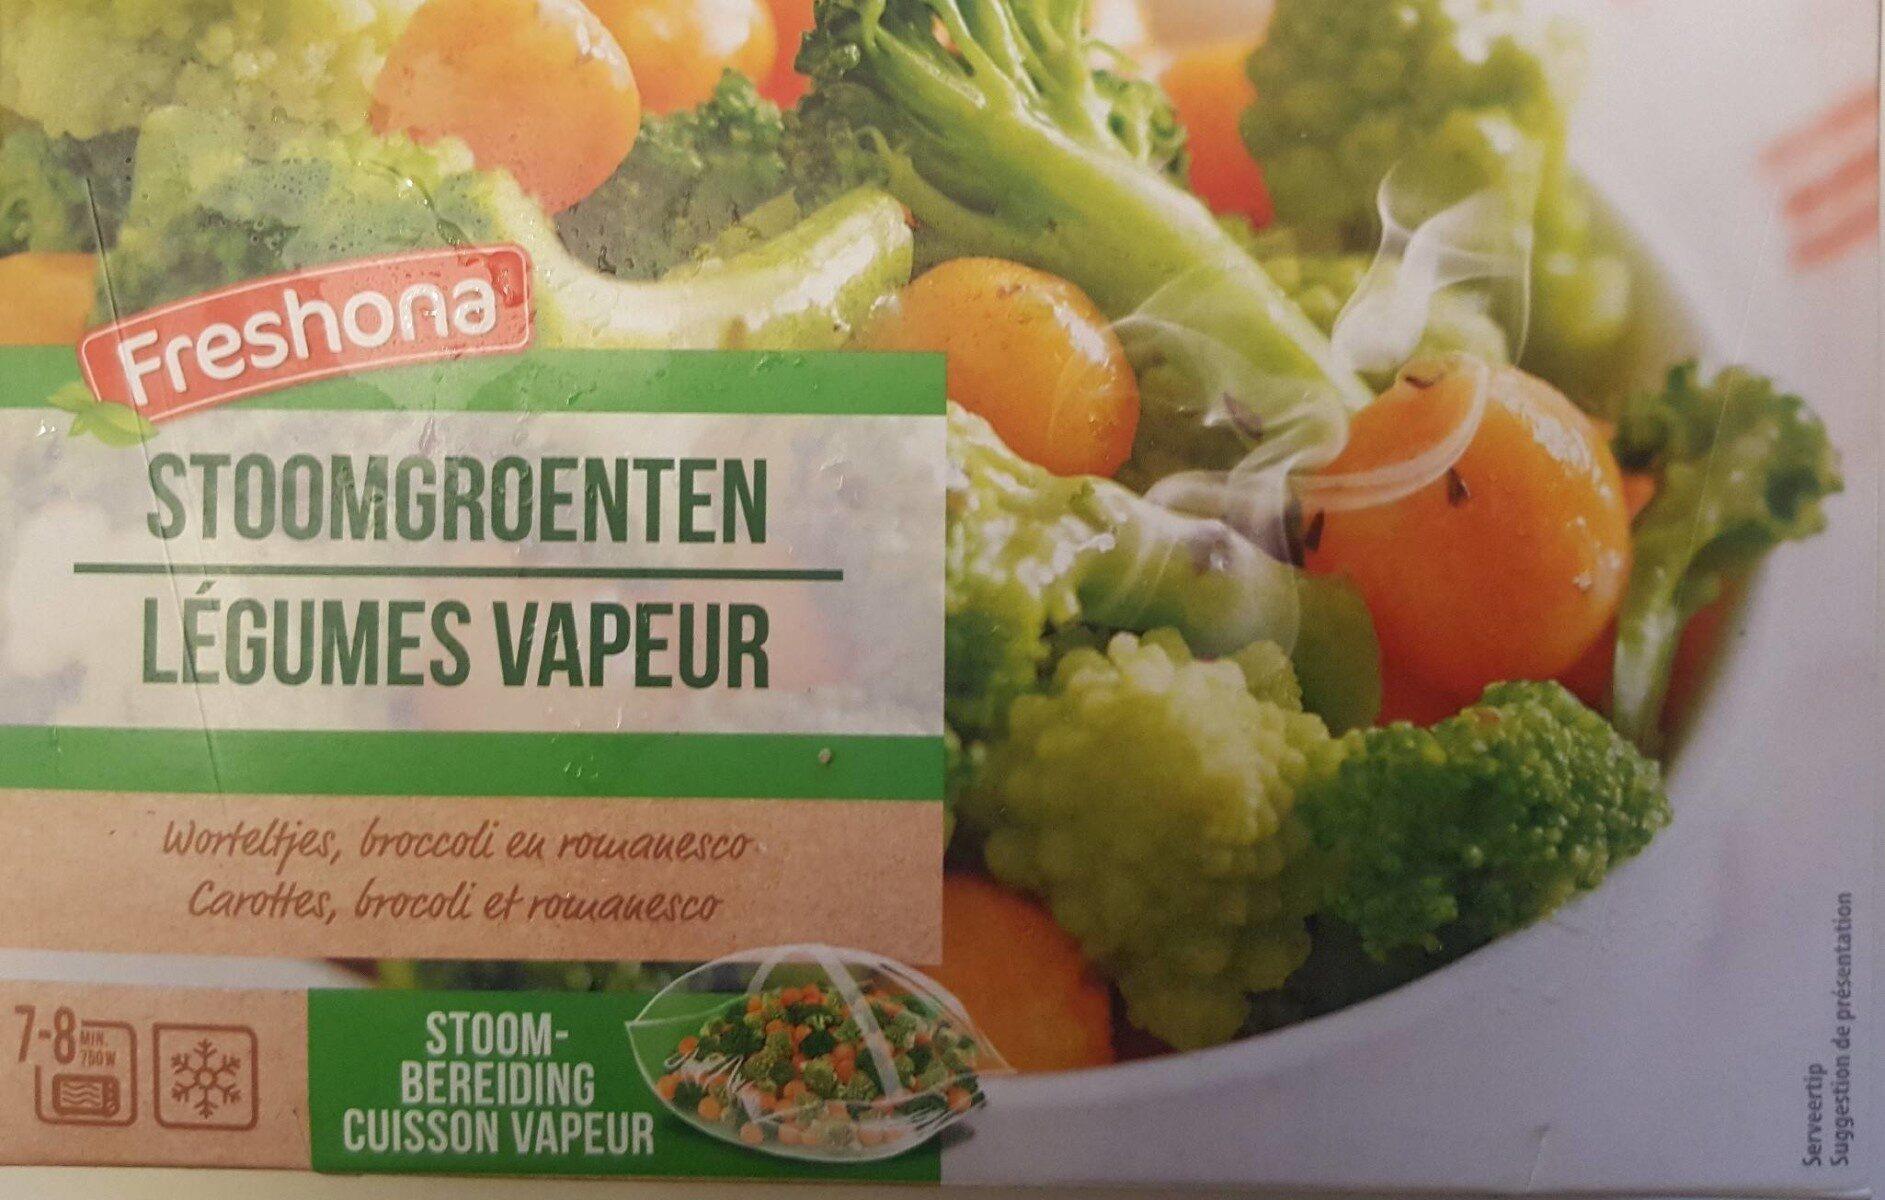 Legumes vapeur - Product - fr